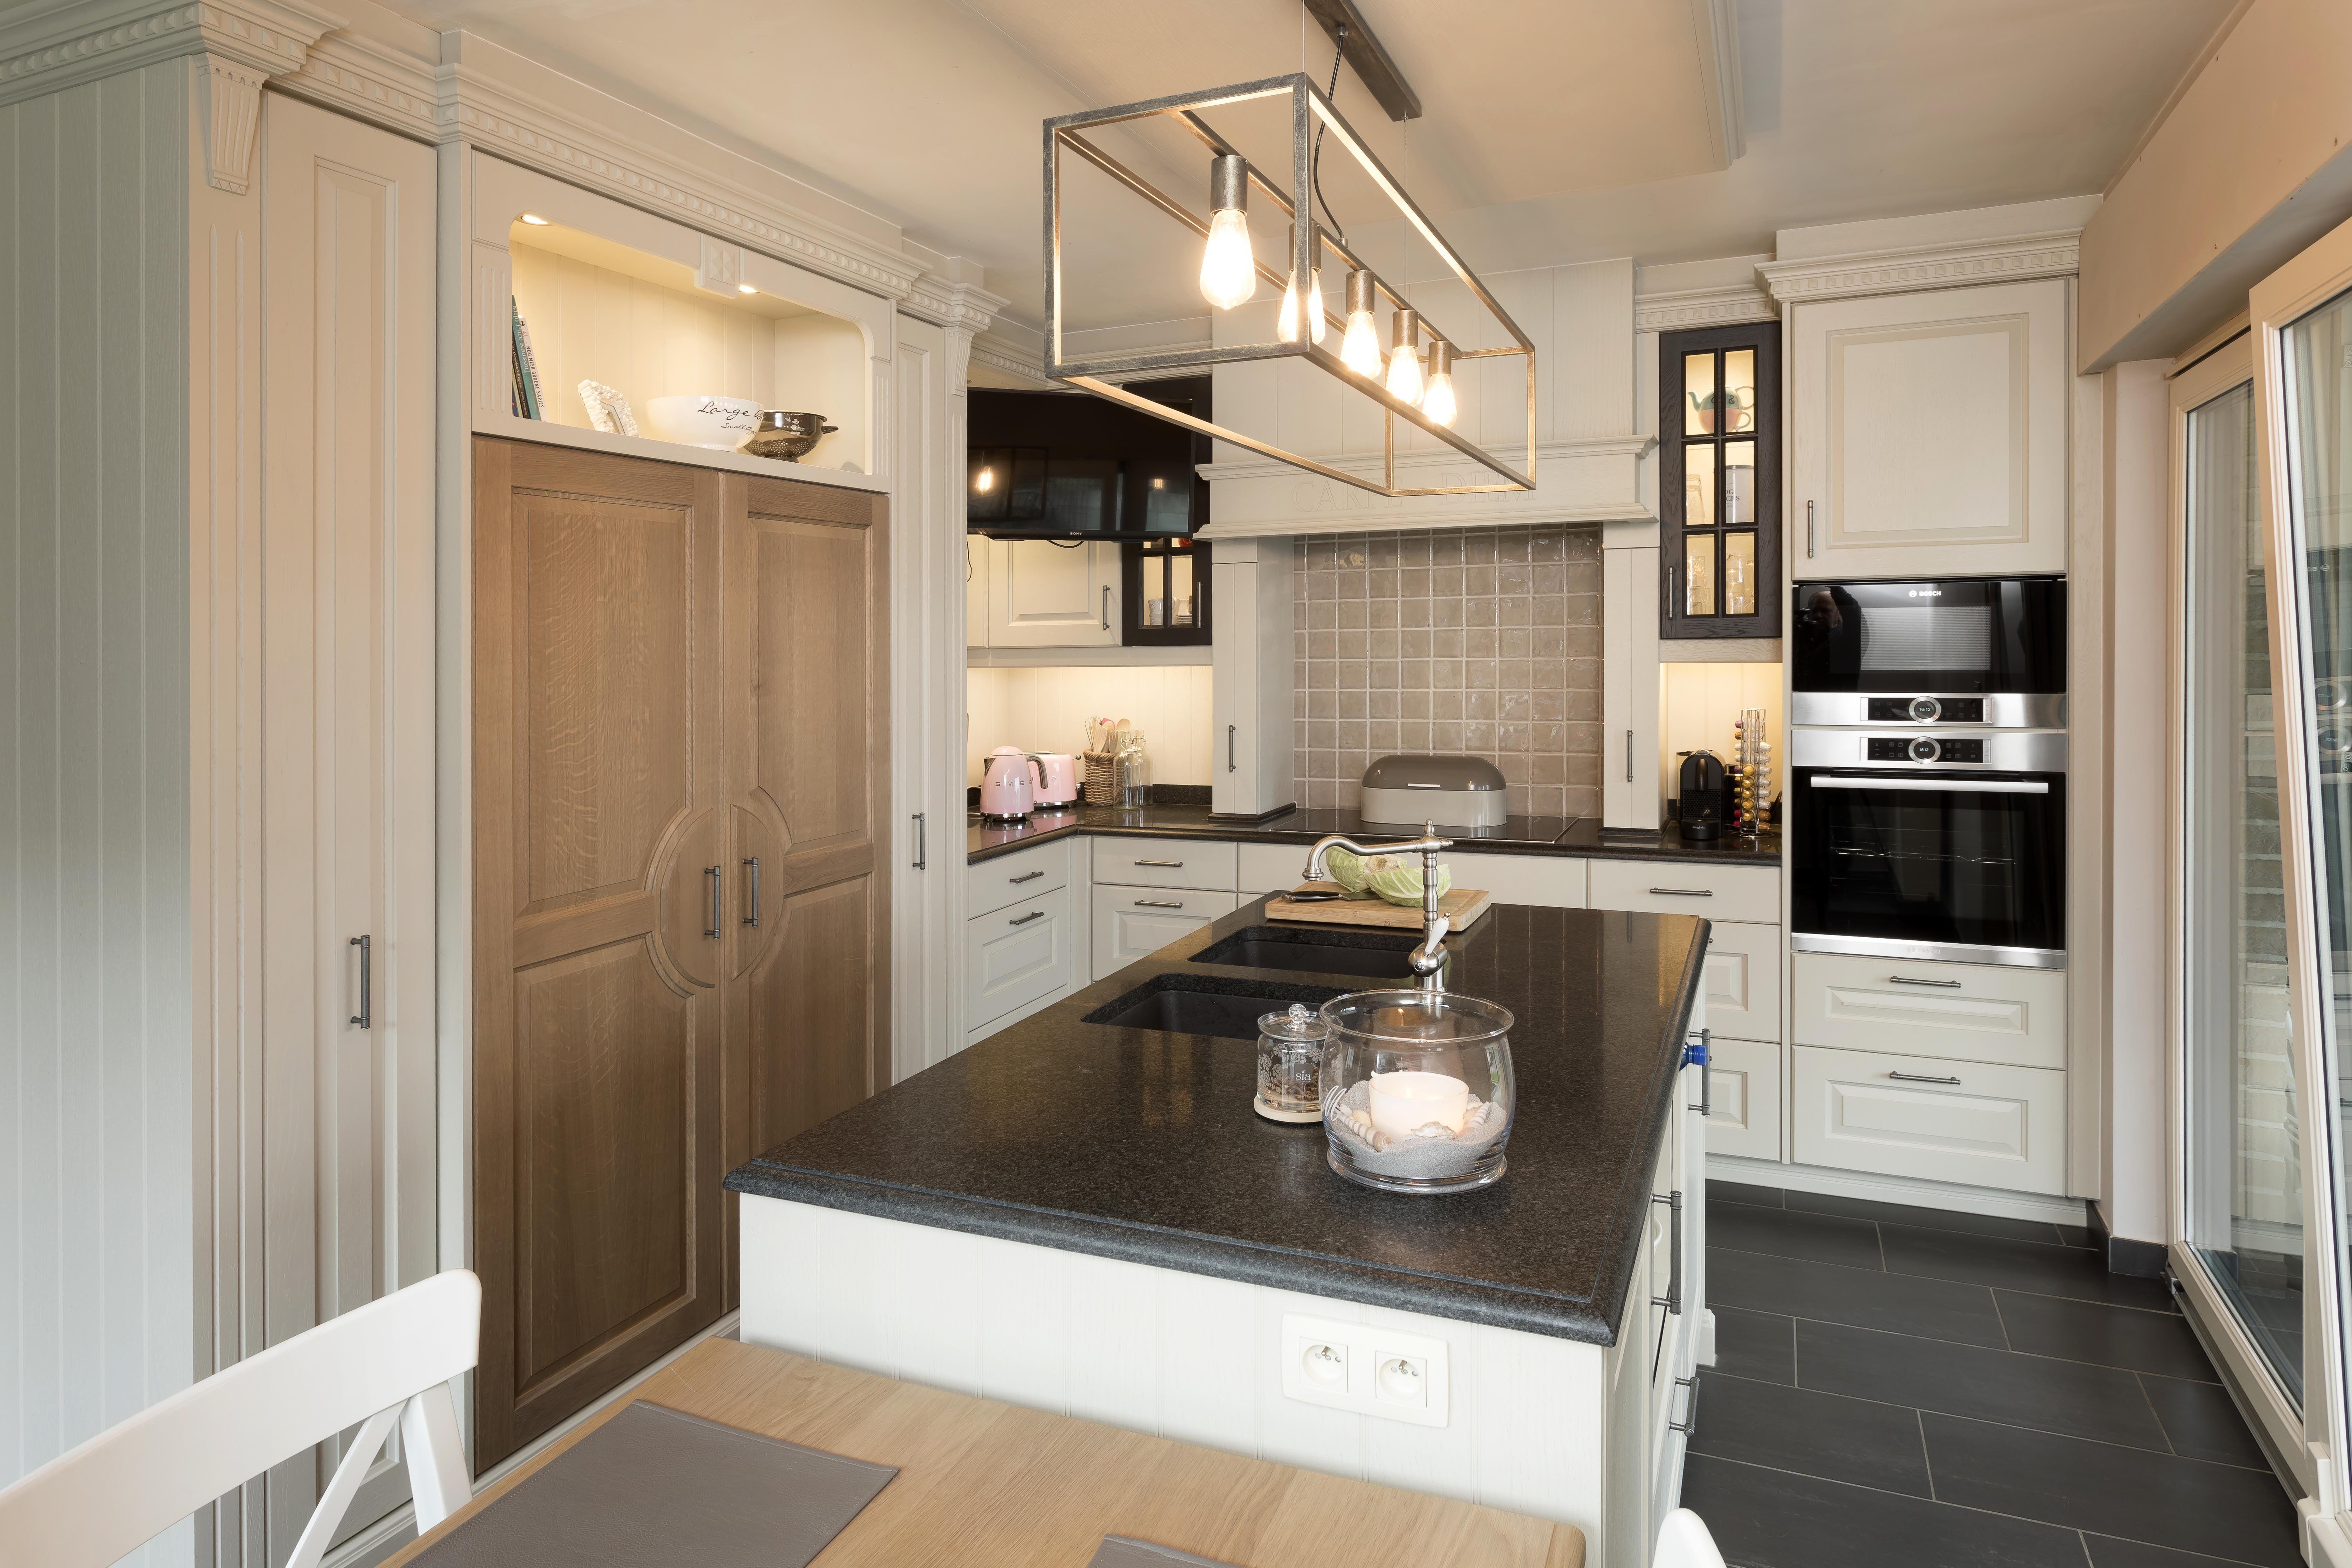 Franssen Keukens Design : Franssen keukens landelijke keuken landelijke keukens